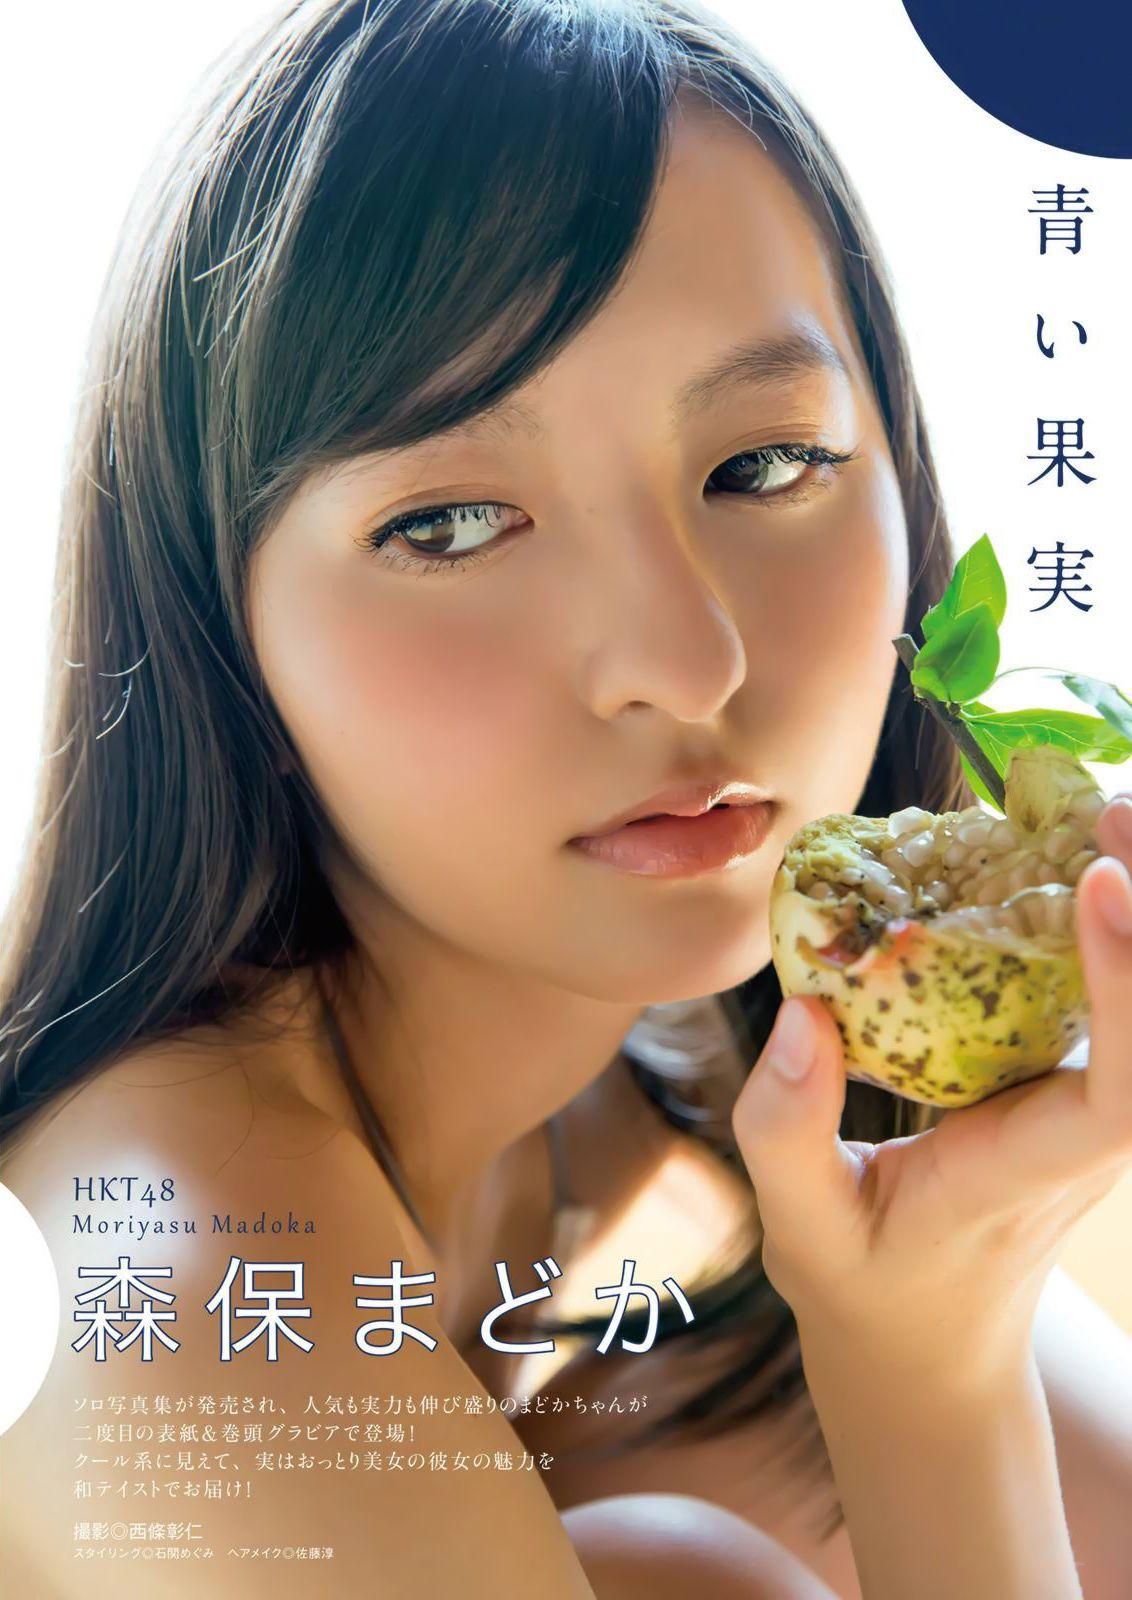 Moriyasu Madoka 森保まどか HKT48, Manga Action 2015 No.20 (漫画アクション 2015年20号)